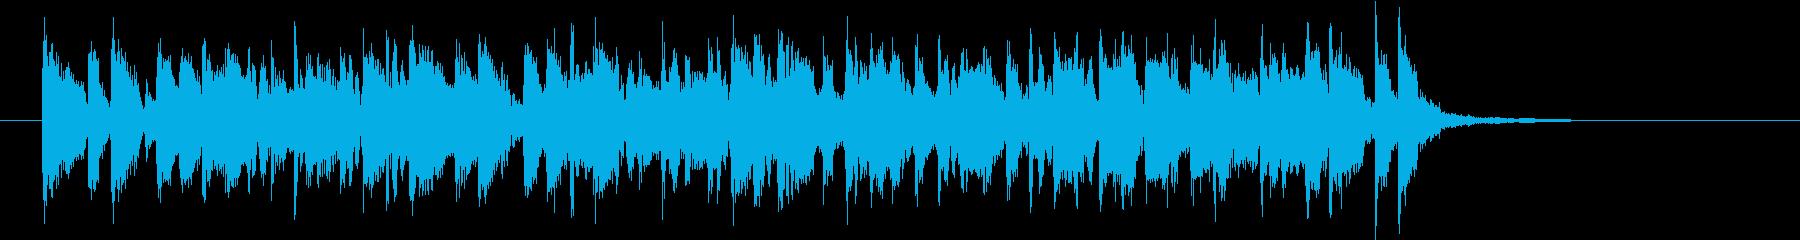 軽快で元気なポップスバンドのジングルの再生済みの波形